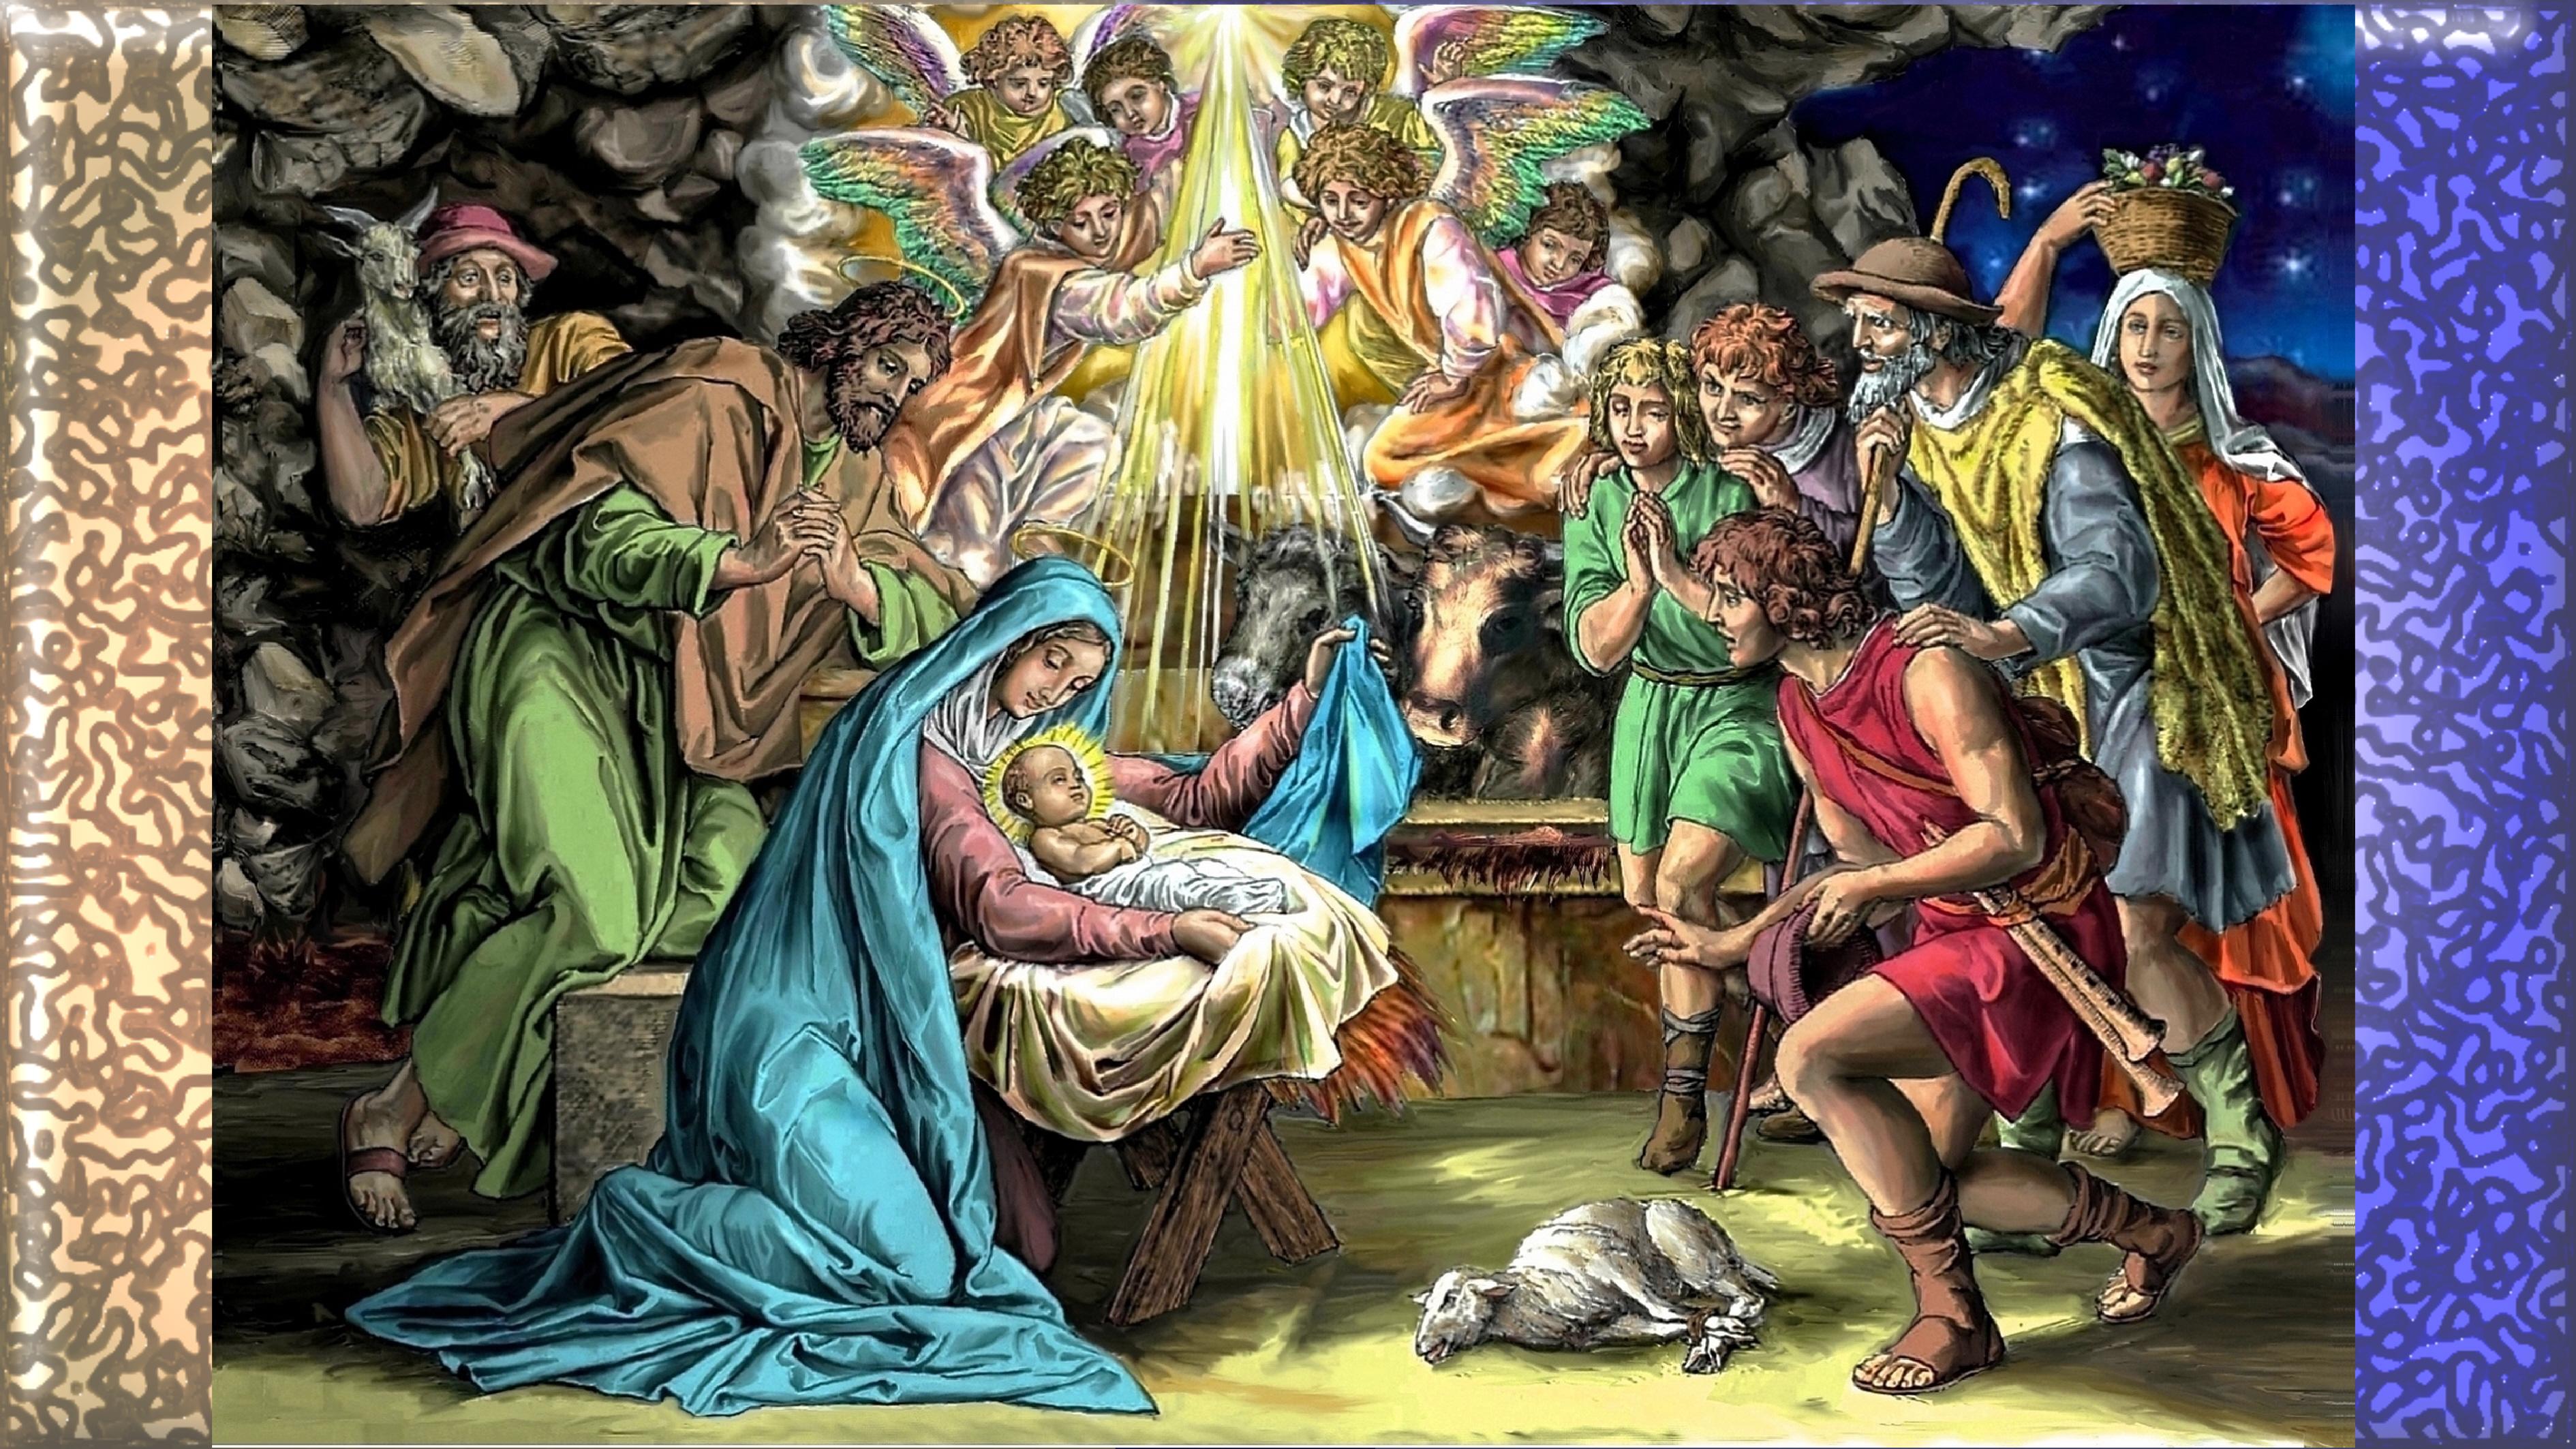 CALENDRIER CATHOLIQUE 2019 (Cantiques, Prières & Images) - Page 19 L-adoration-des-bergers-55ae6c5